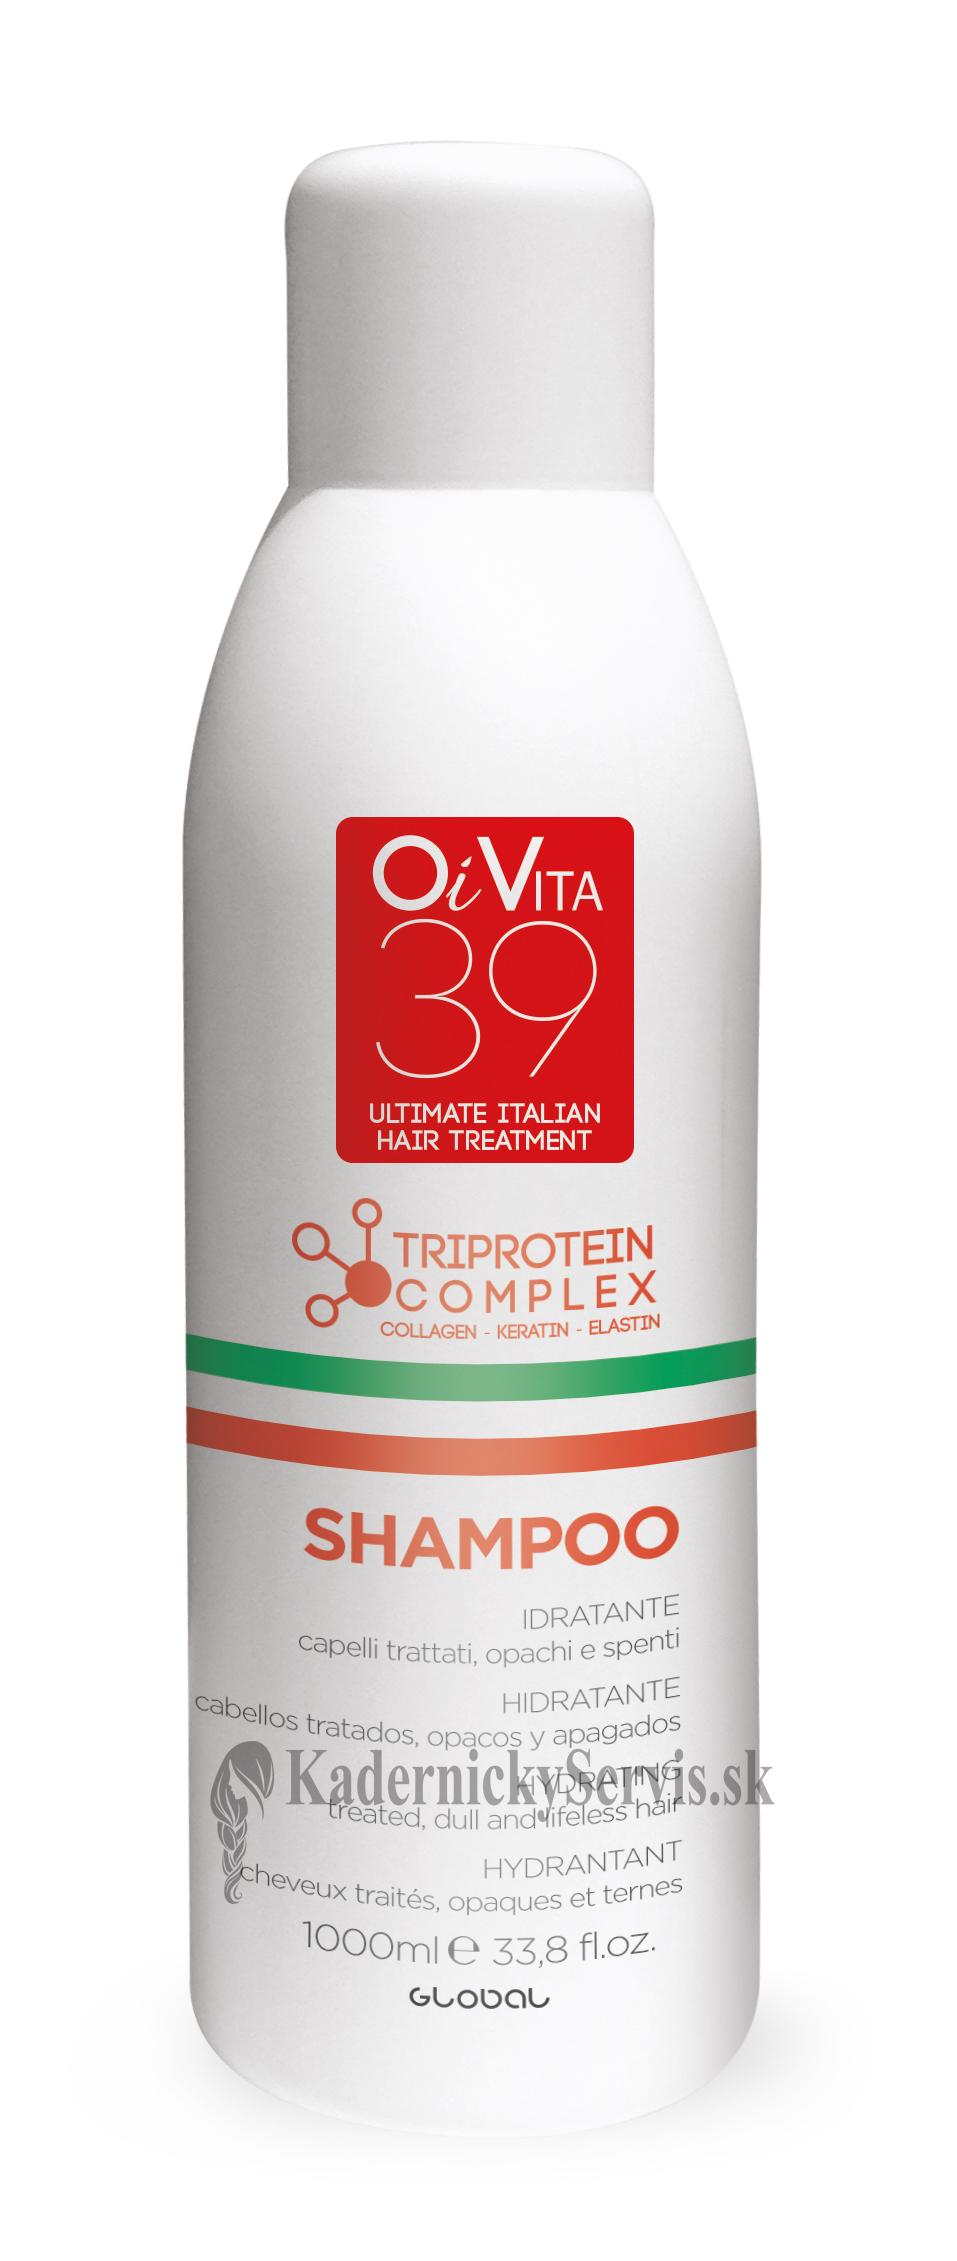 OiVita 39 Hydrating Shampoo - rekonštrukčný vyživujúci šampón, 1000 ml